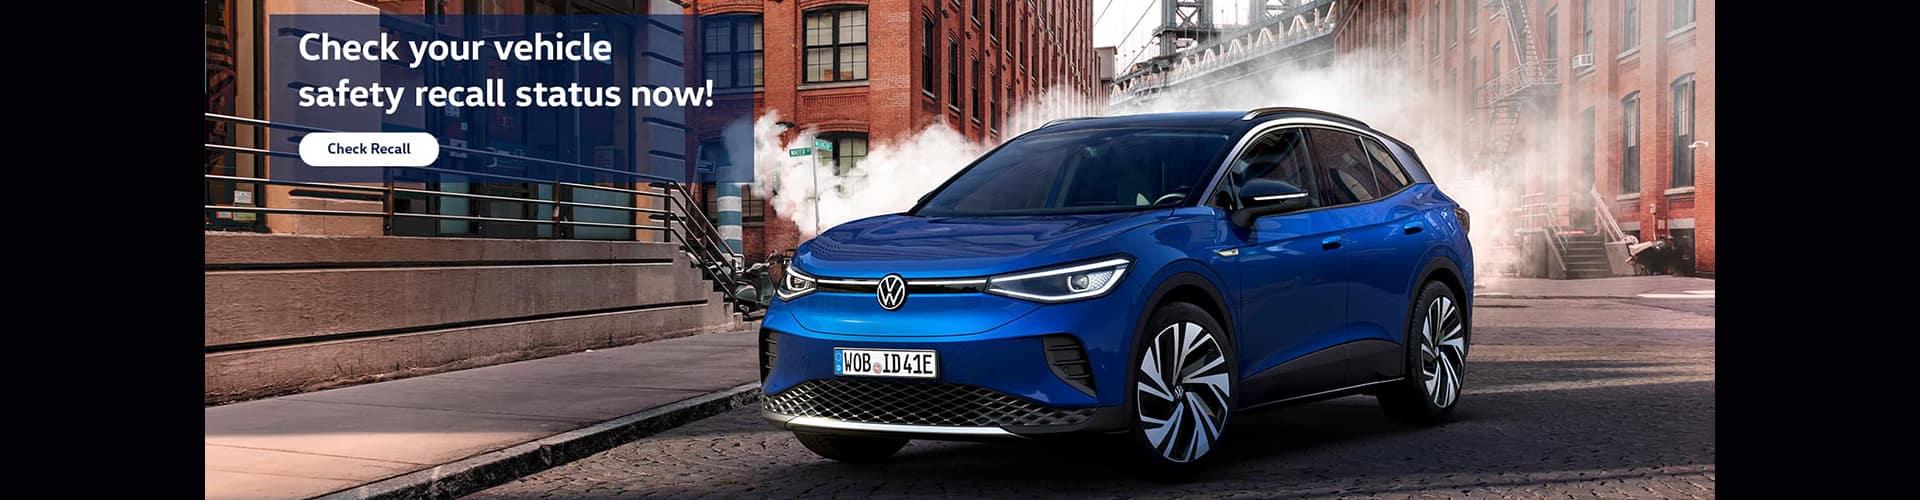 Volkswagen-Bannerzz